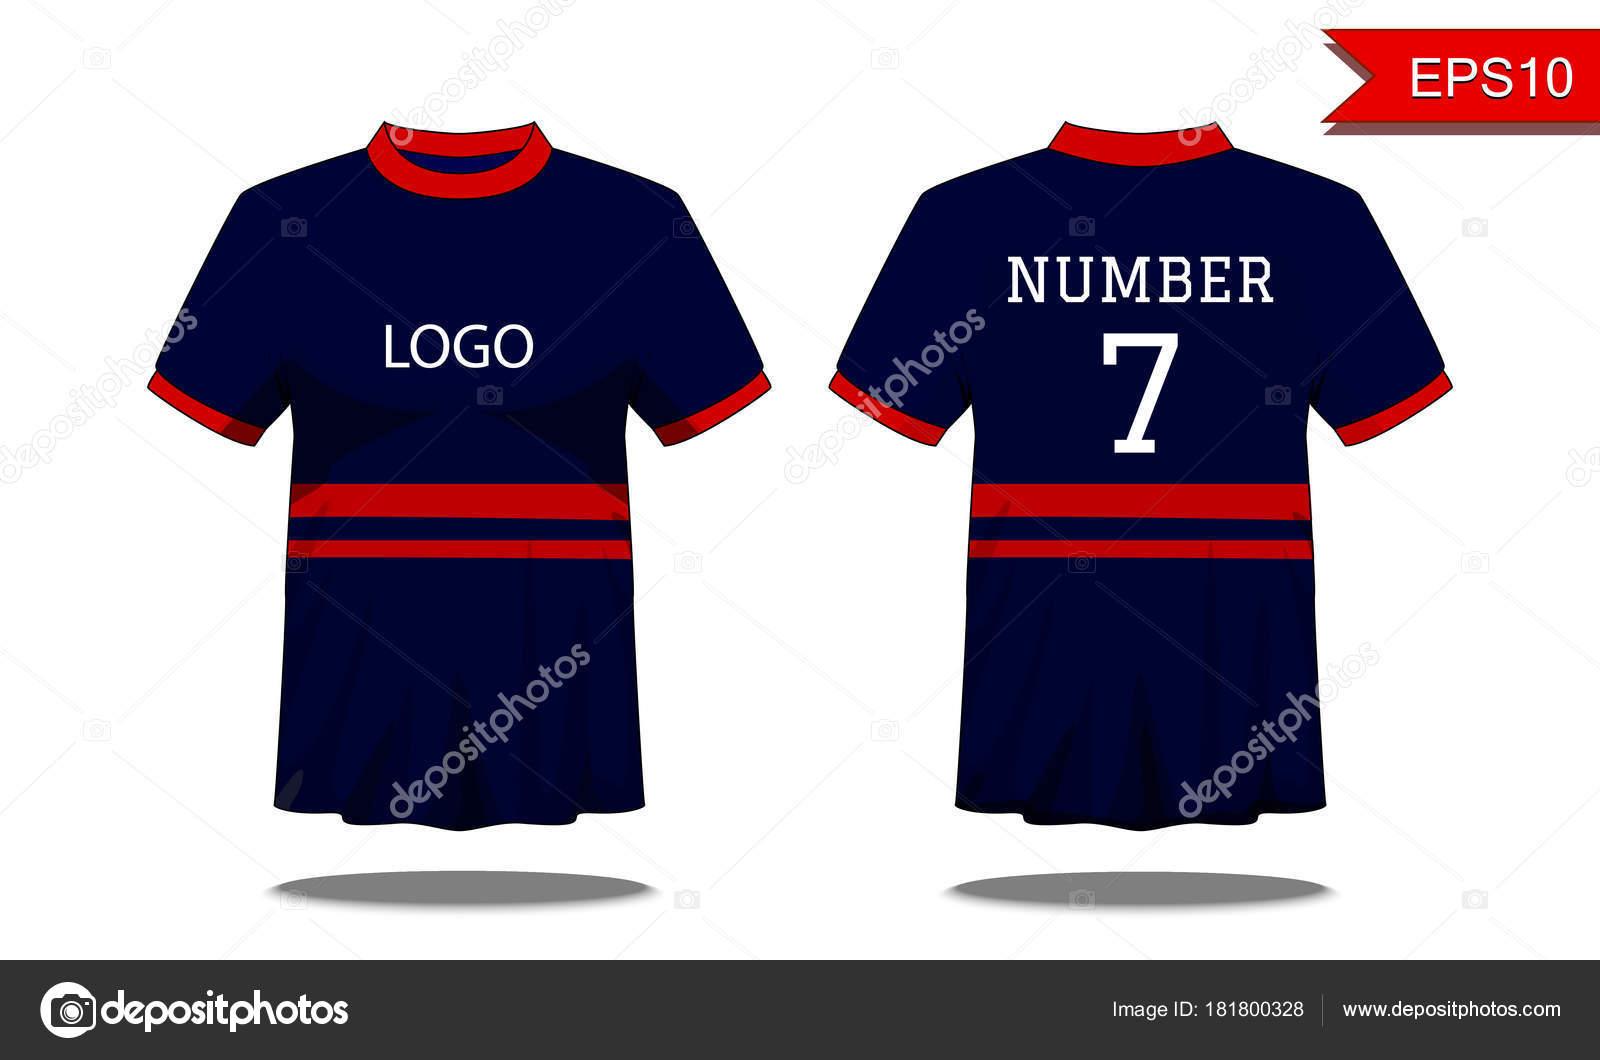 3e163a5046 Esporte t-shirt masculina com manga curta na frente e costas. Azul com  listra vermelha e cor editável design. Mock-se do conceito de desgaste do  esporte.